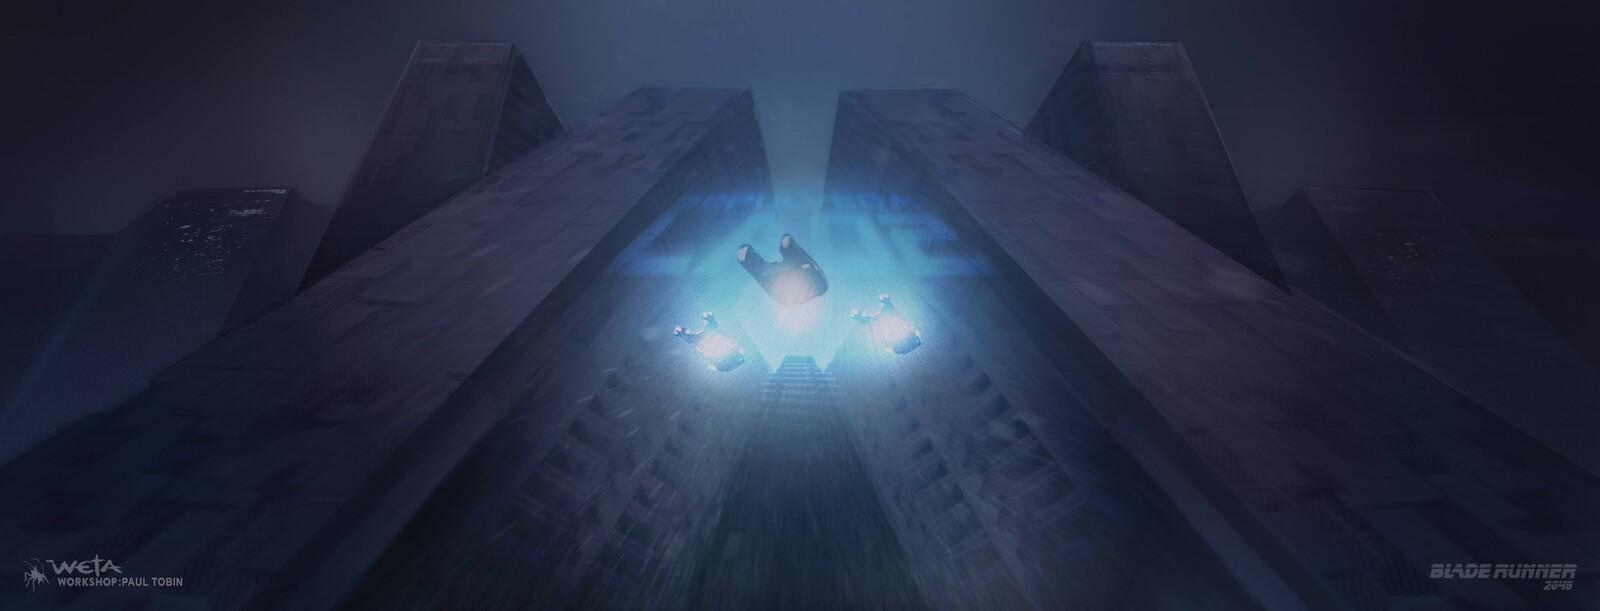 Bladerunner 2049 : Deckard's Escort